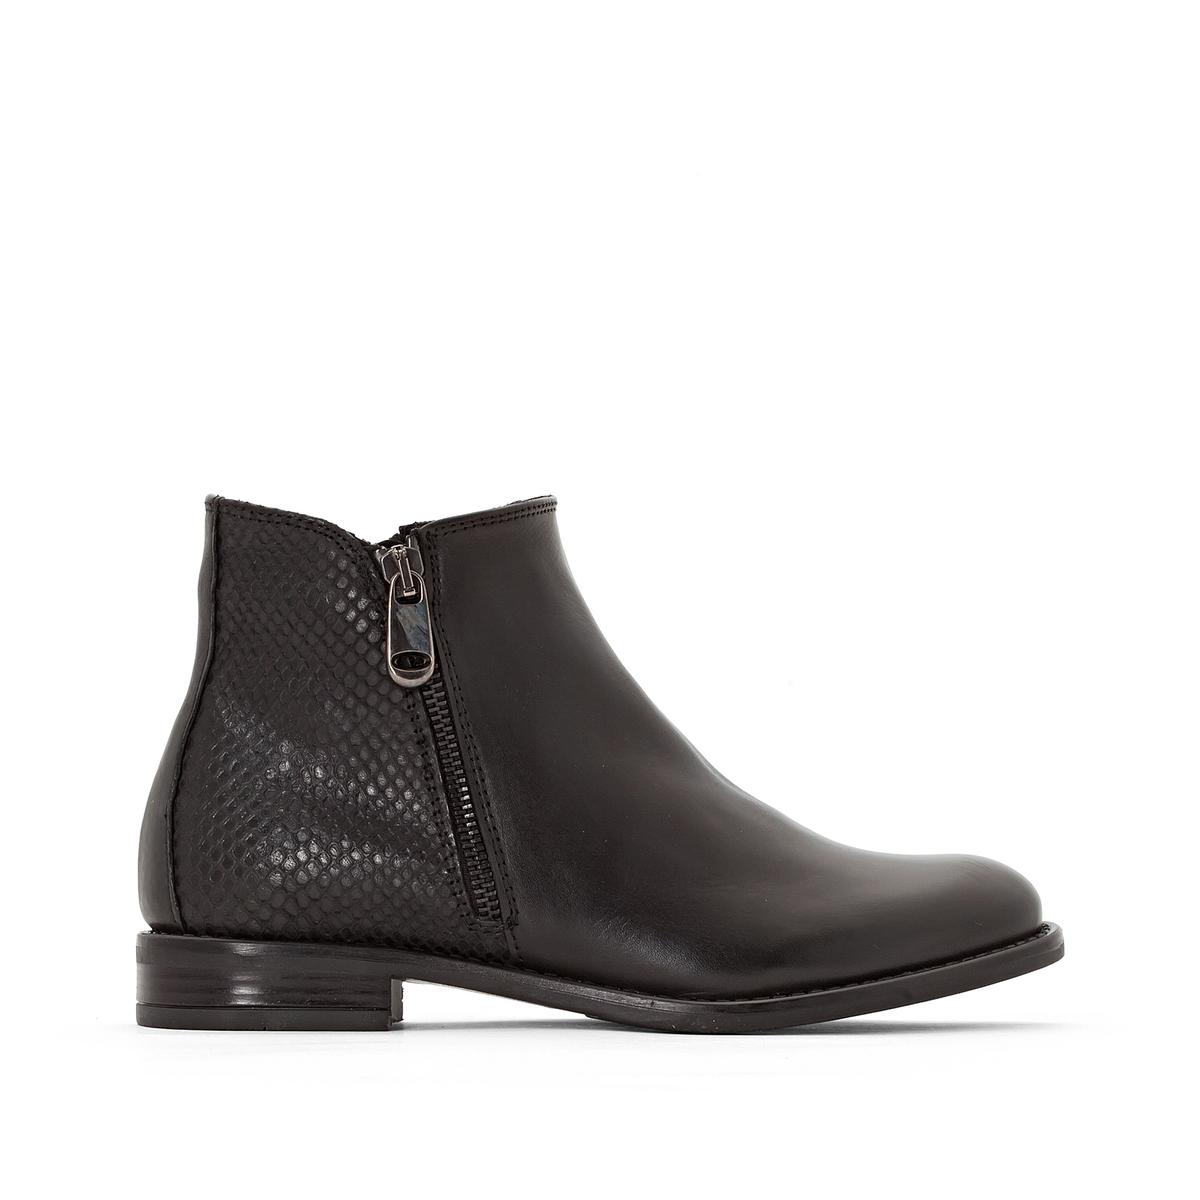 Ботинки кожаные на плоском каблуке TahisПодкладка : кожа Стелька : кожа Подошва : эластомер Высота каблука : 1 см. Высота голенища : 13 см Форма каблука : Плоская Мысок : закругленный Застежка : На молнию<br><br>Цвет: черный<br>Размер: 39